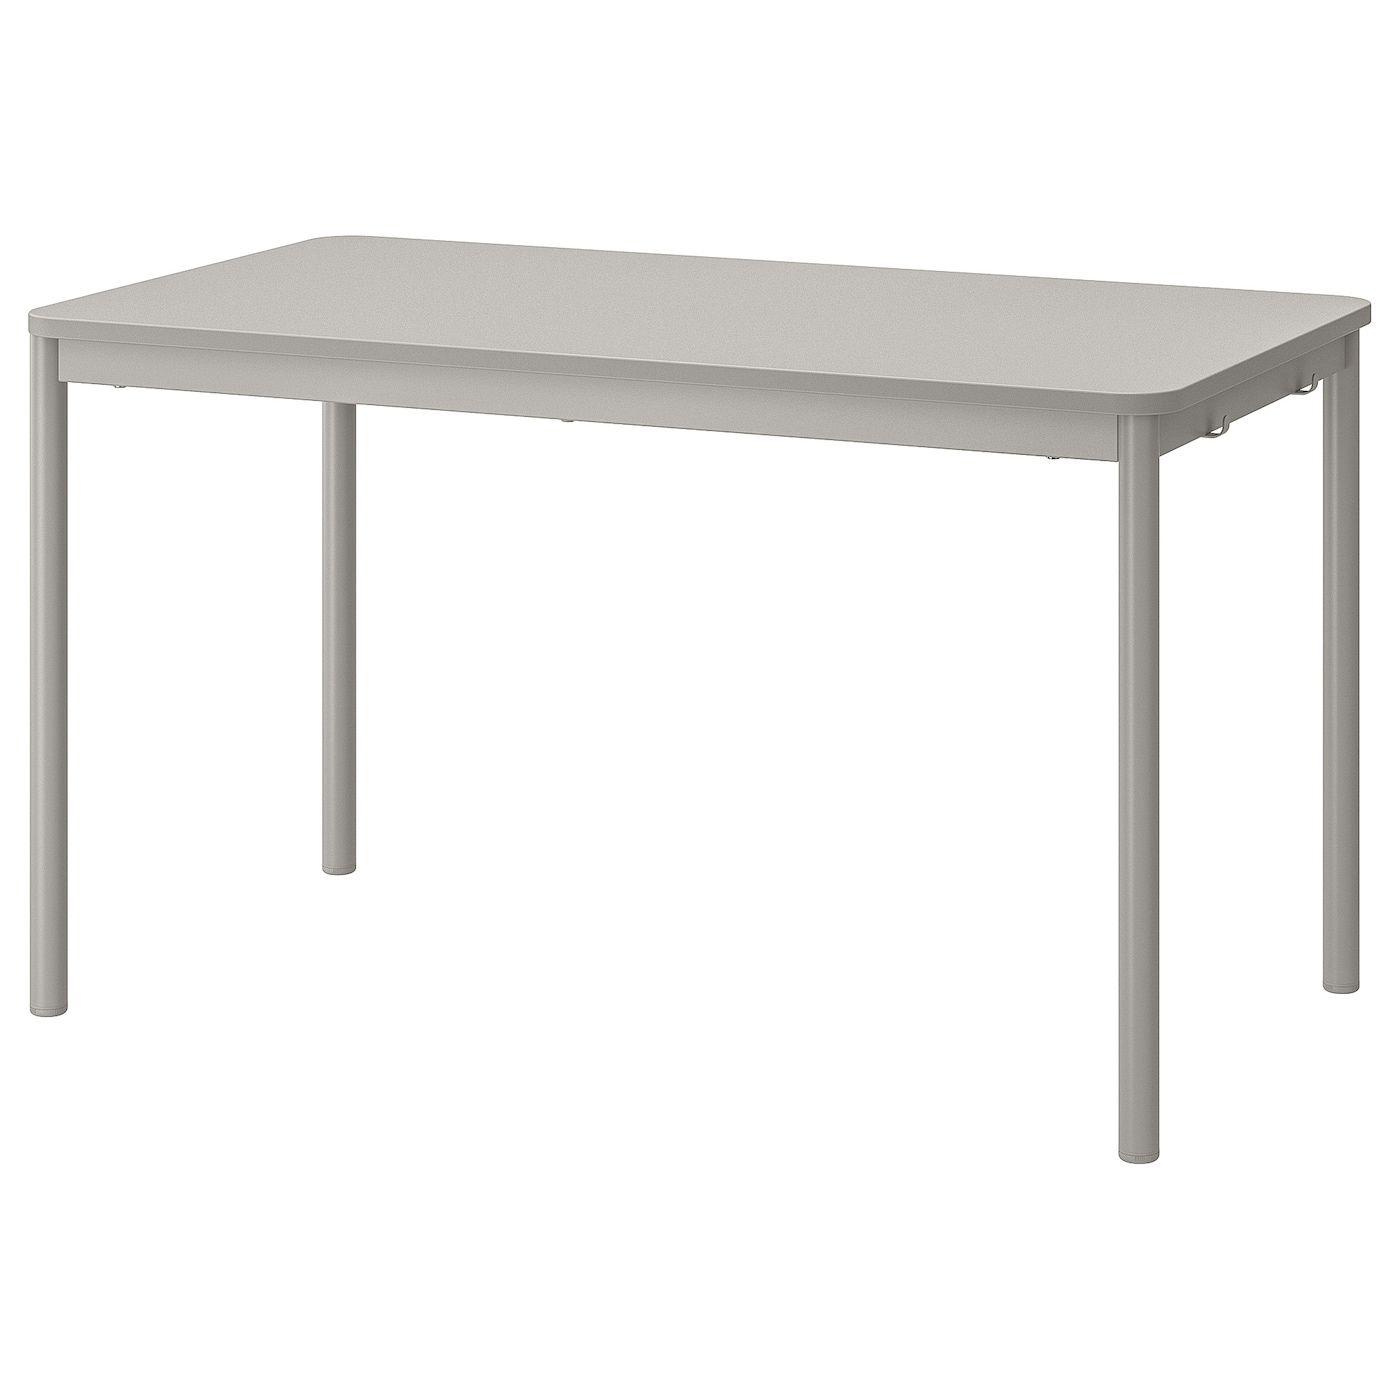 Tommaryd Tisch Hellgrau Leuchttisch Ikea Und Tisch